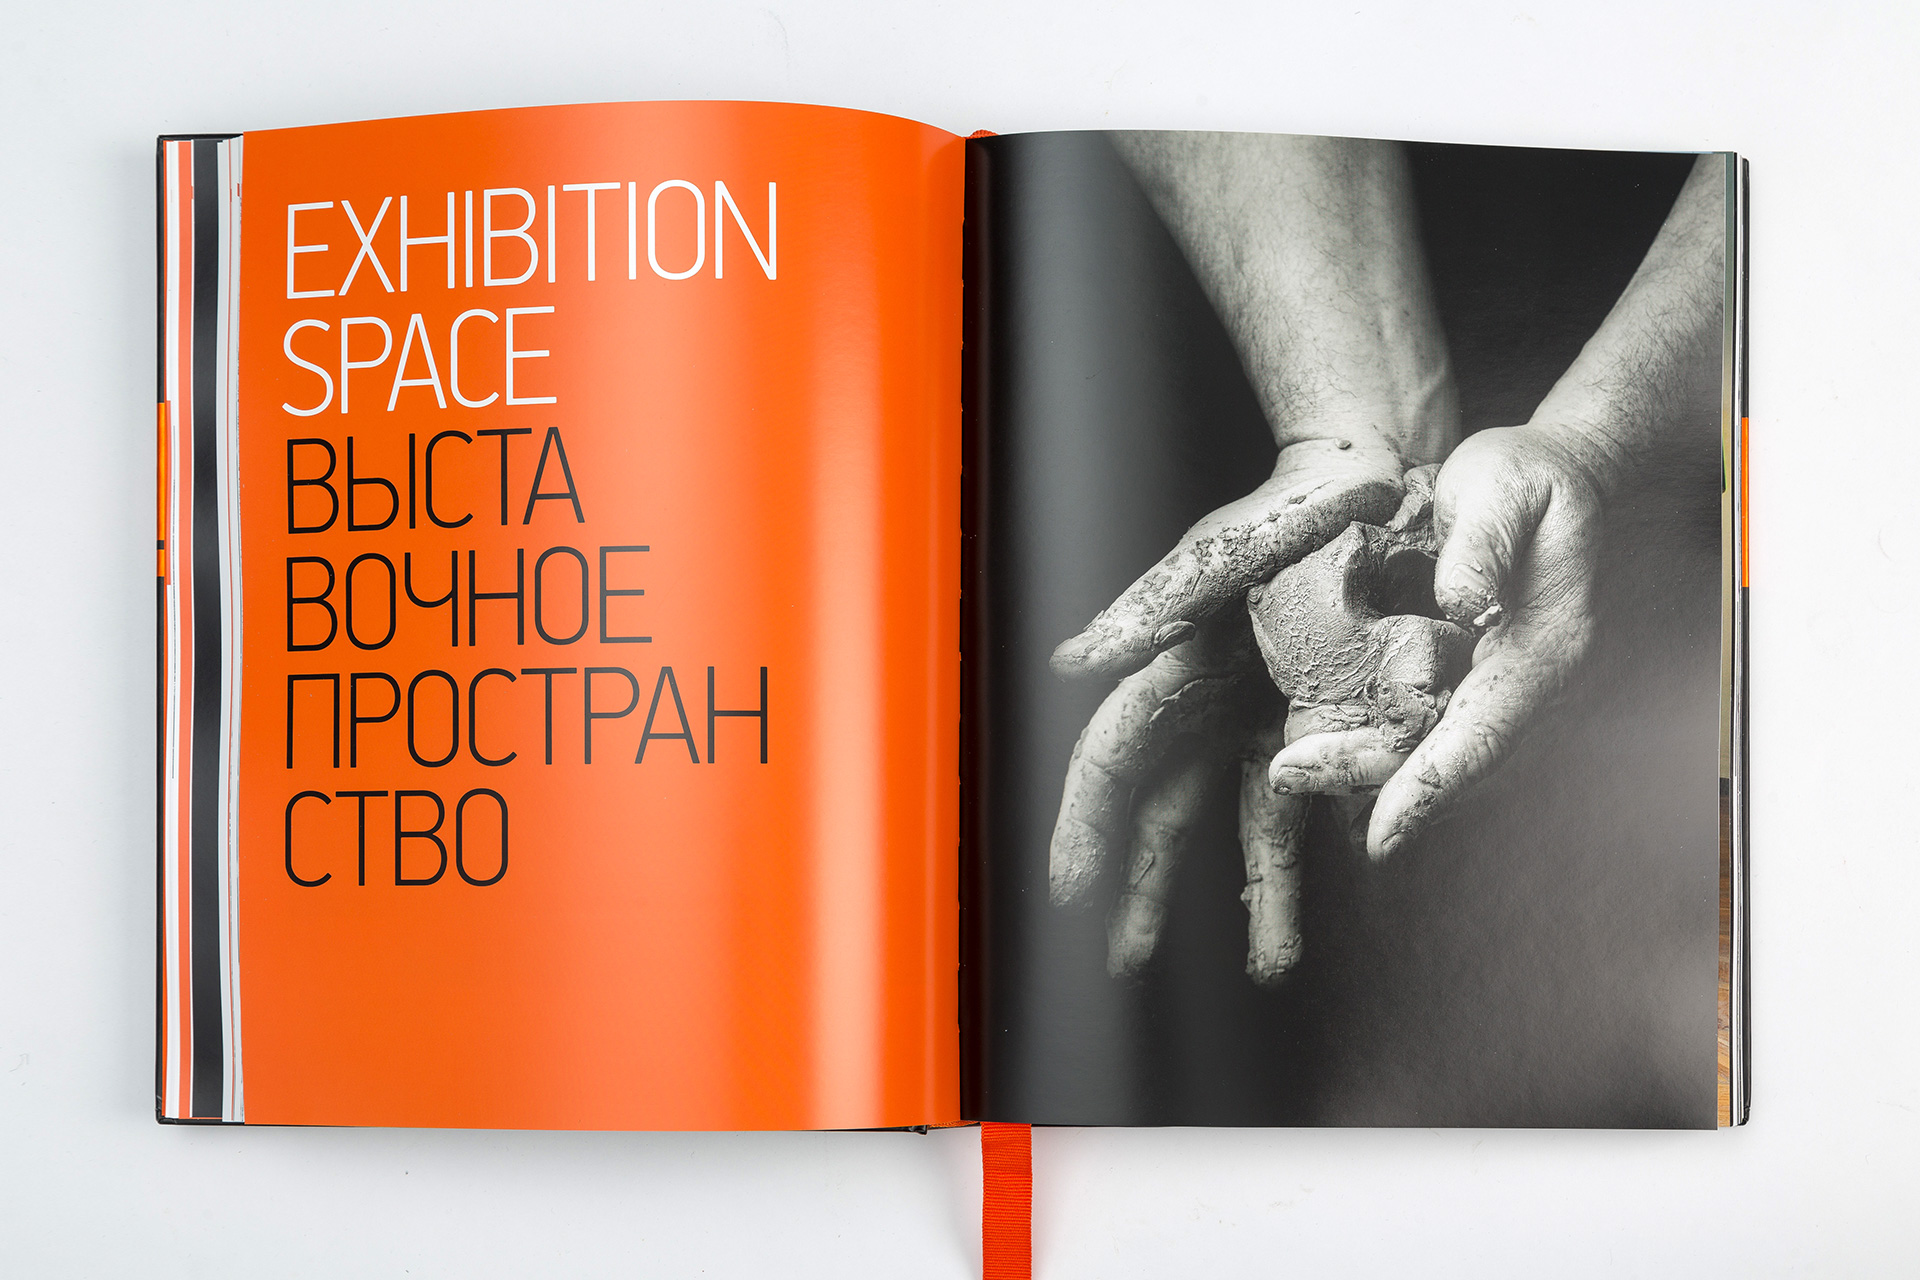 Агентство Asgard Branding, юбилейный альбом, дизайн внутреннего разворота, печатные издания, дизайн книги, Михаил Рева